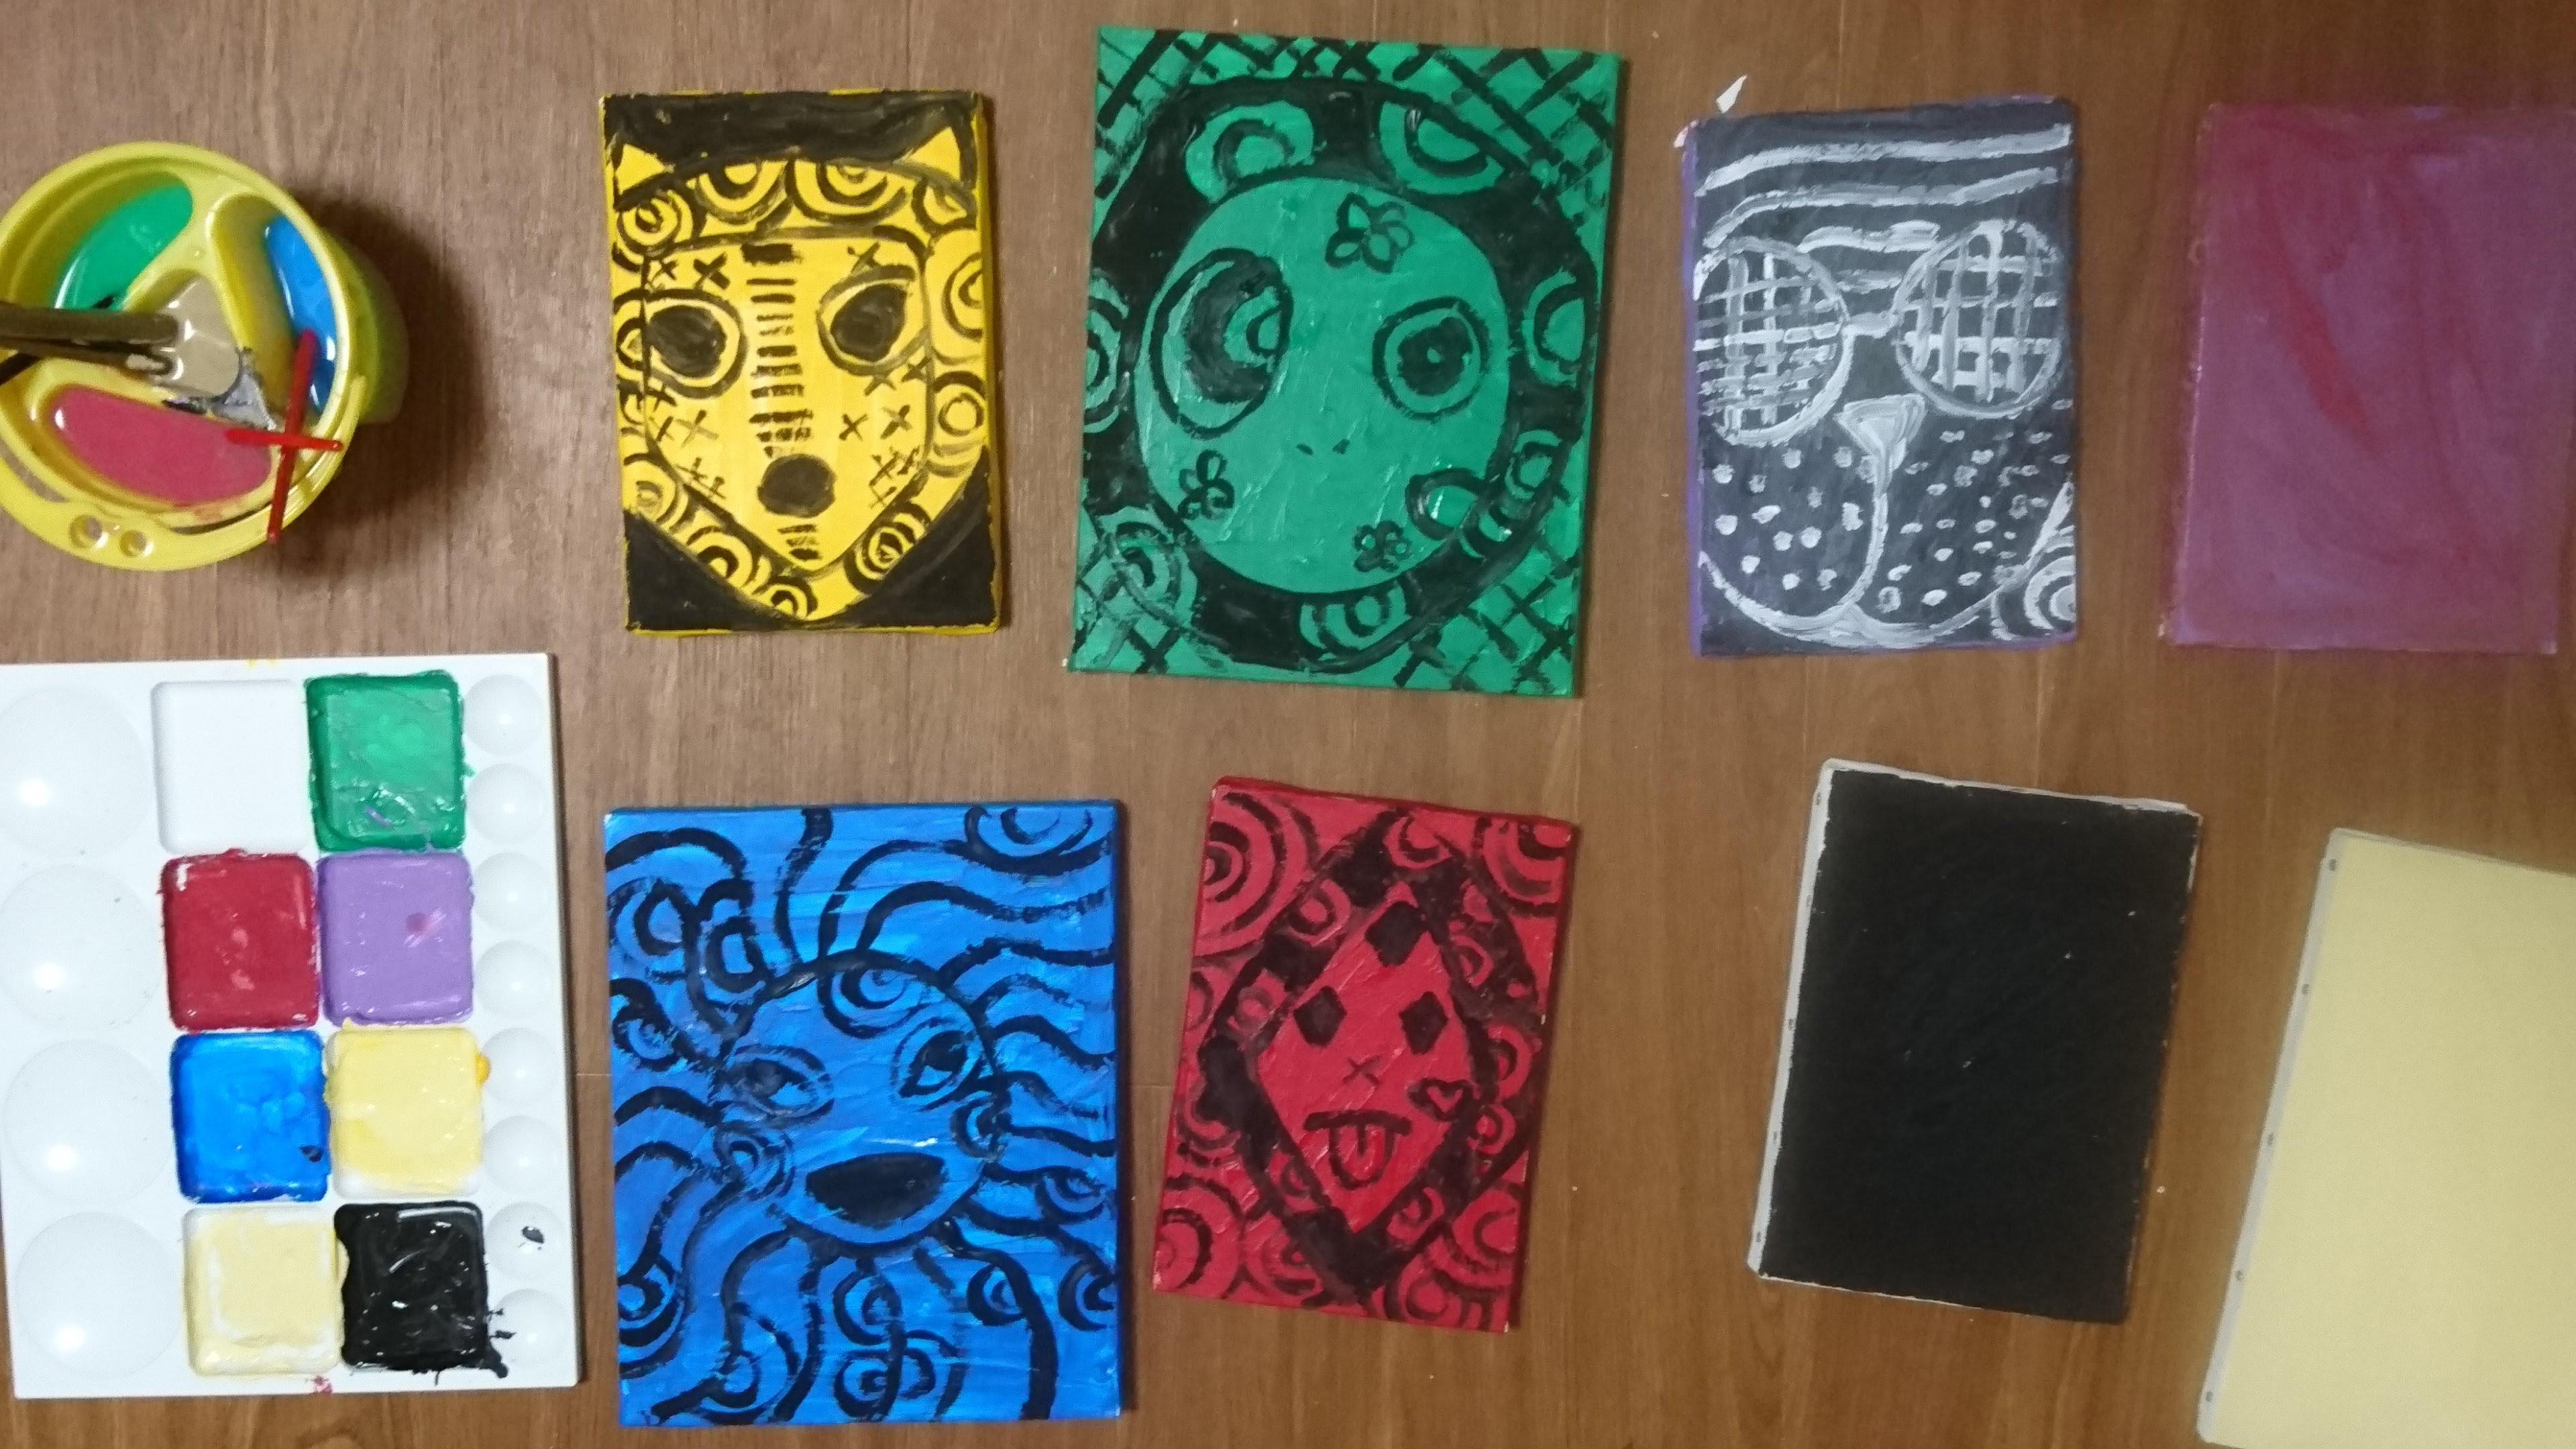 5 Masks / [仮面 叢] 5枚 - 伊藤洋子の美術